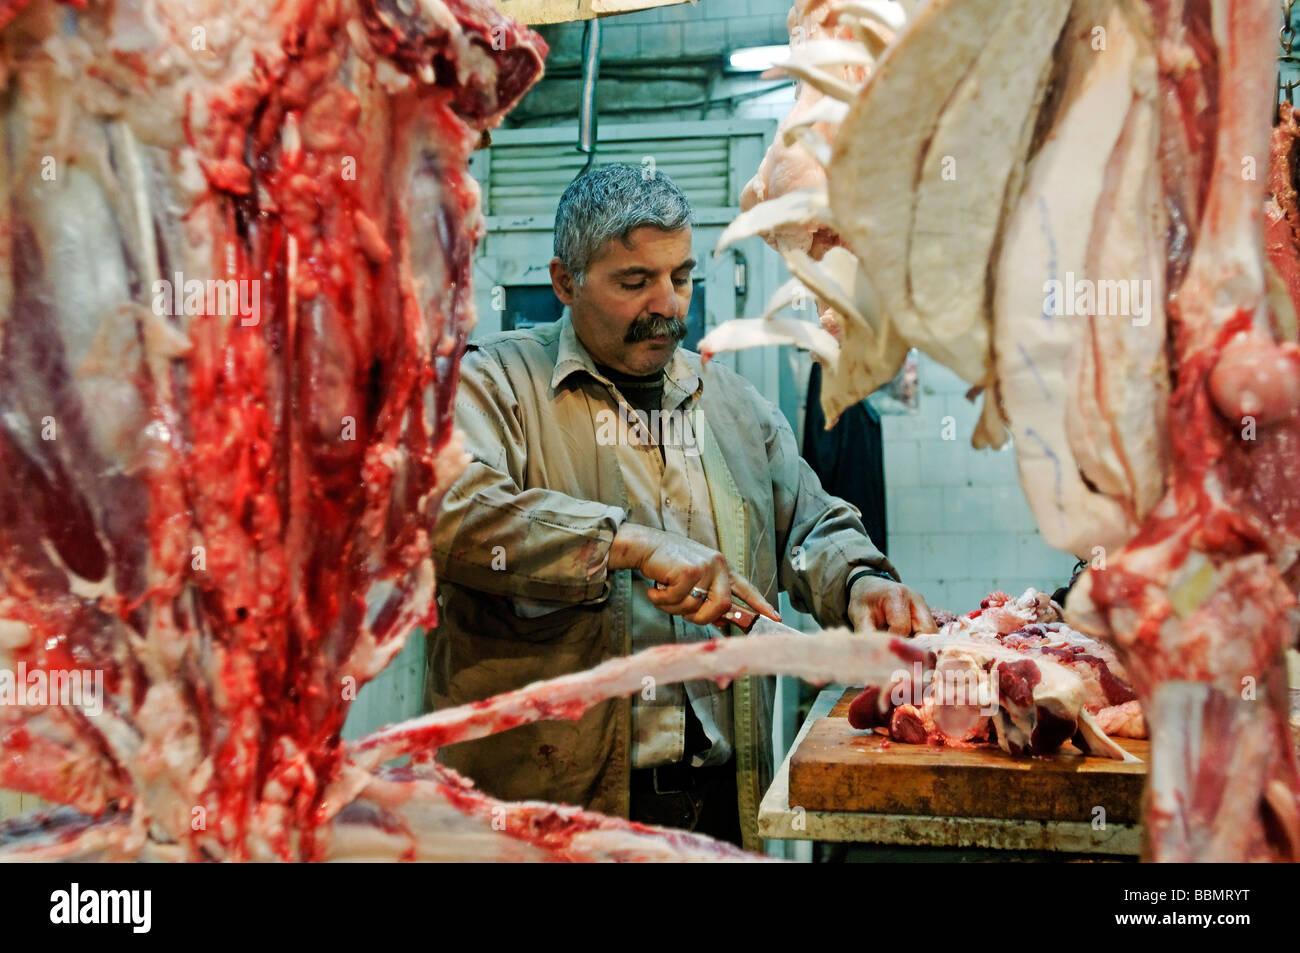 Butcher dans le bazar d'Alep, en Syrie, au Moyen-Orient, en Asie Photo Stock